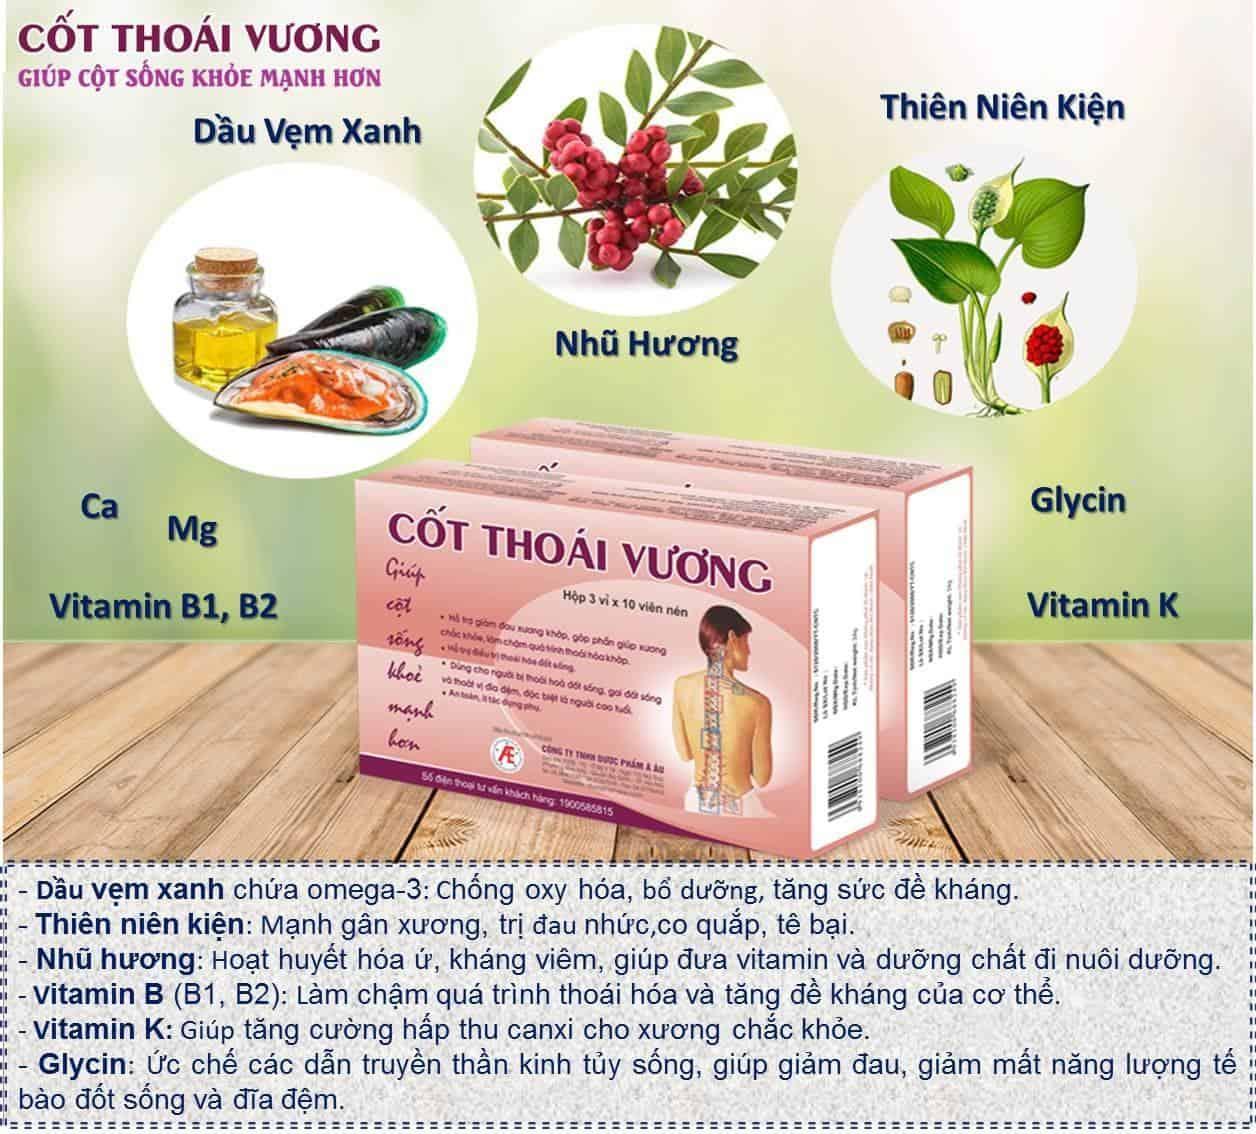 Thực phẩm bảo vệ sức khỏe Cốt Thoái Vương